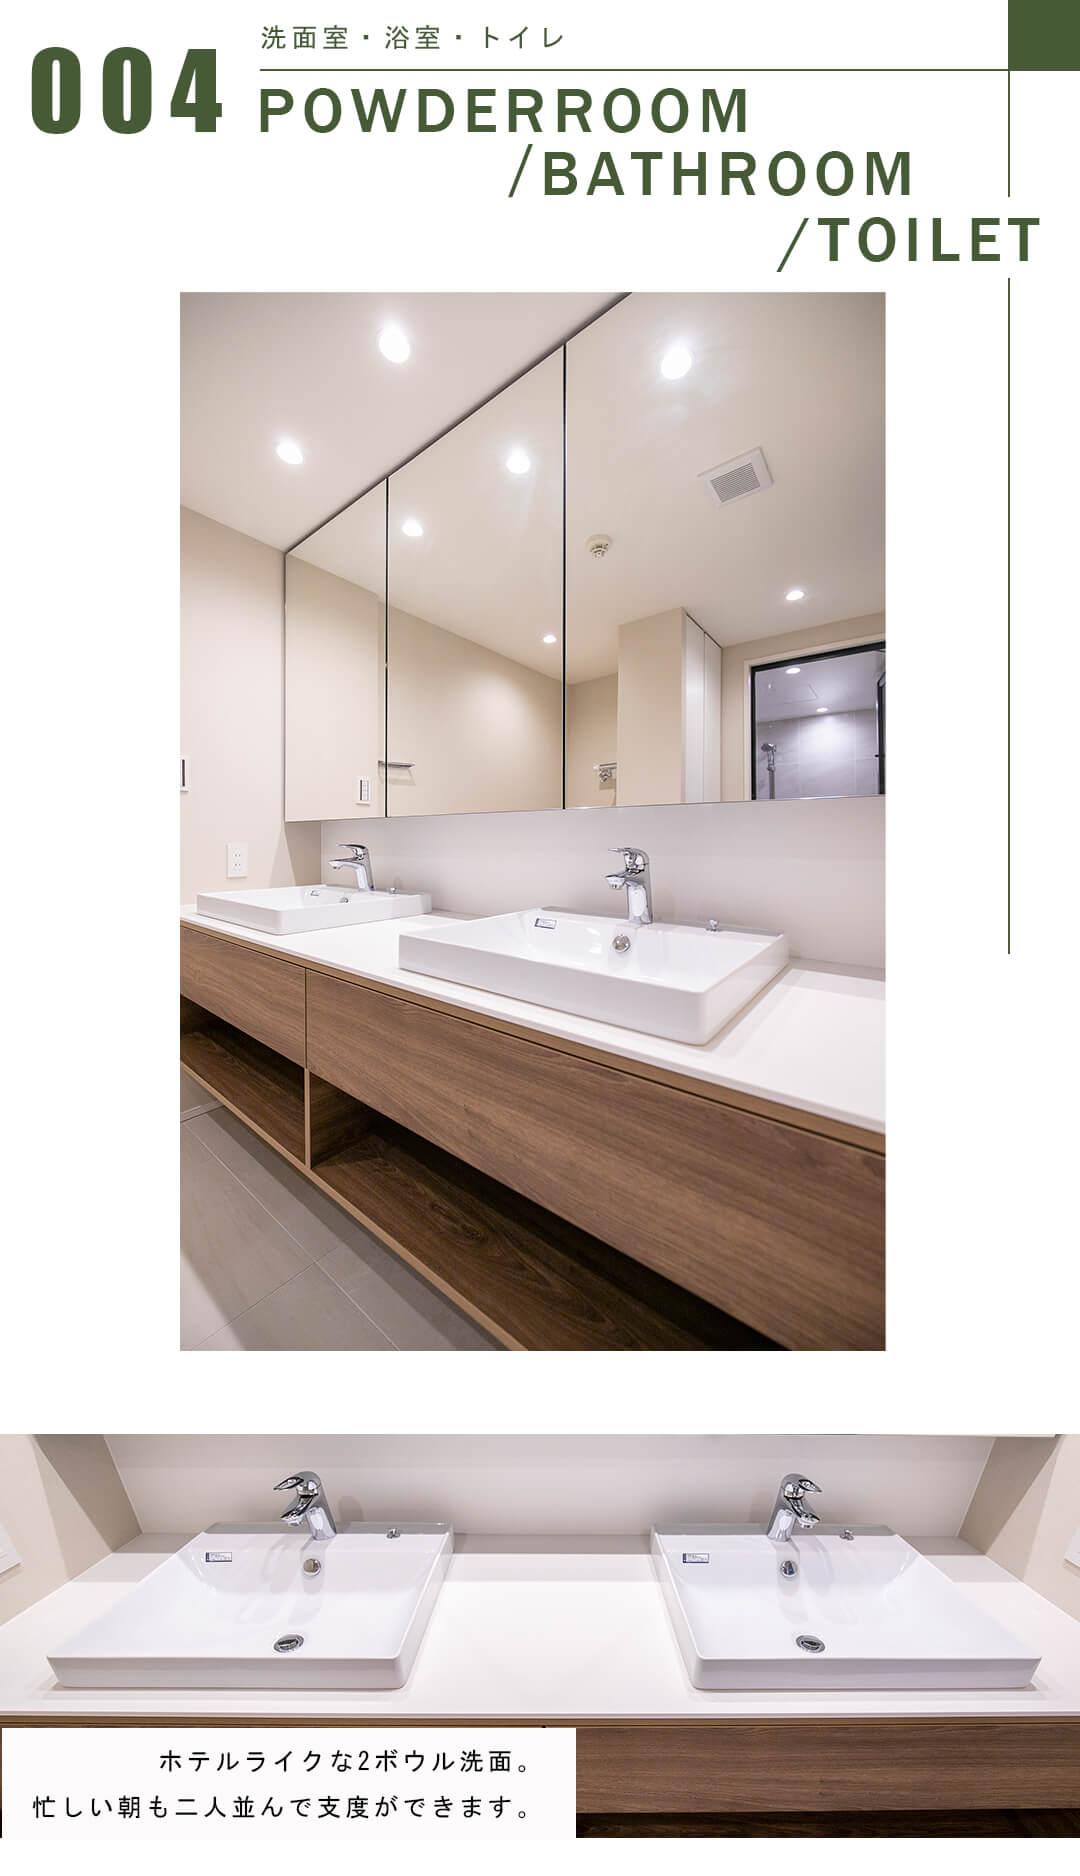 004洗面室,浴室,トイレ,POWDERROOM,BATHROMM,TOILET